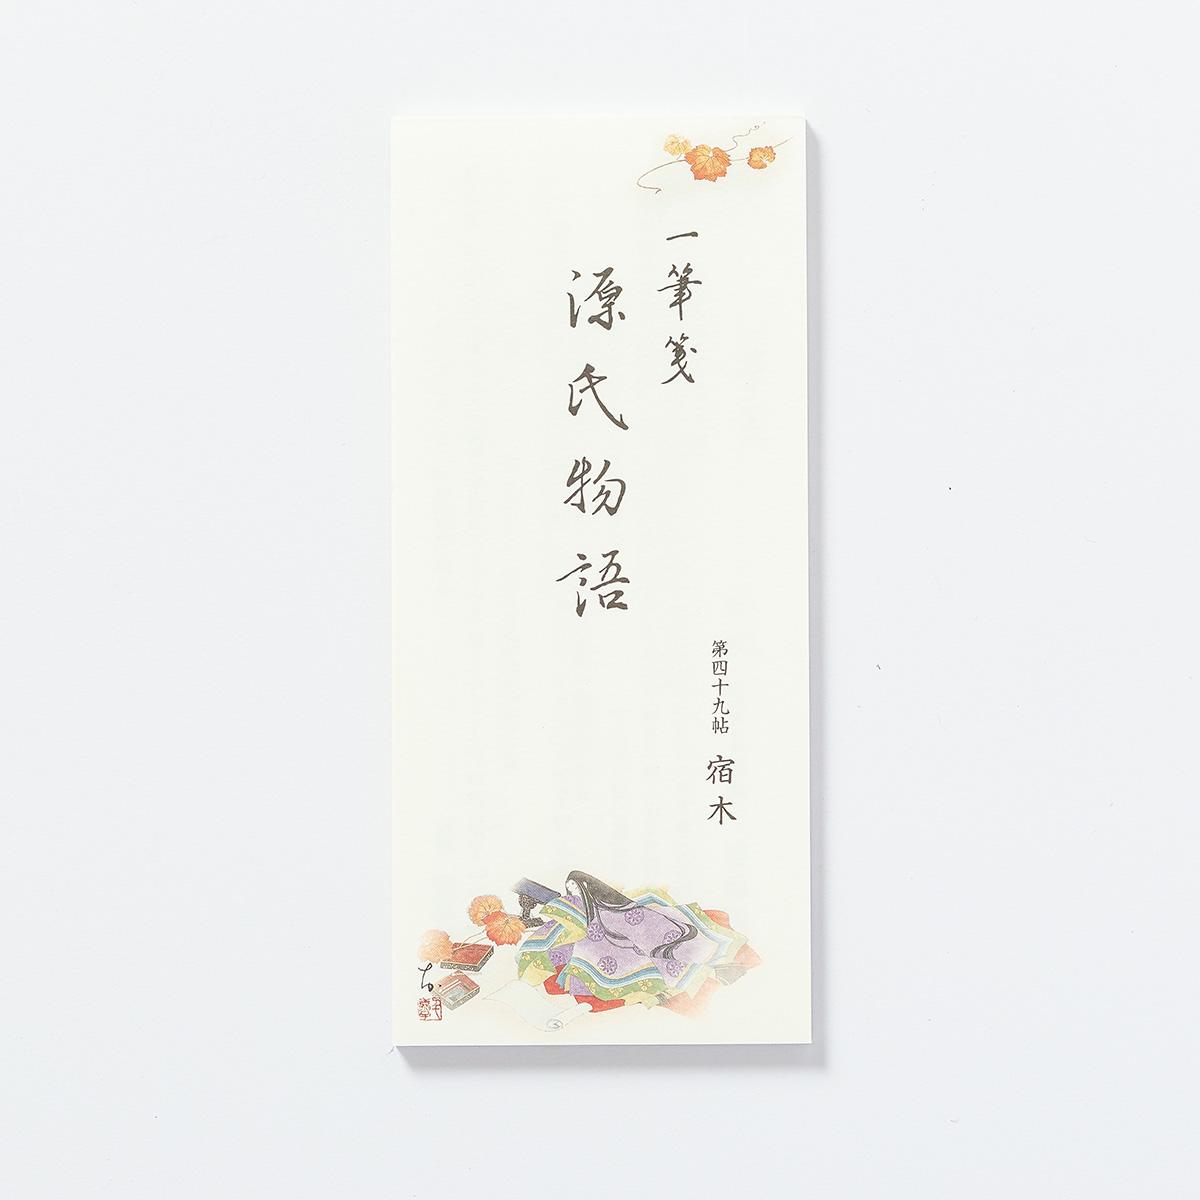 源氏物語一筆箋 第49帖「宿木」